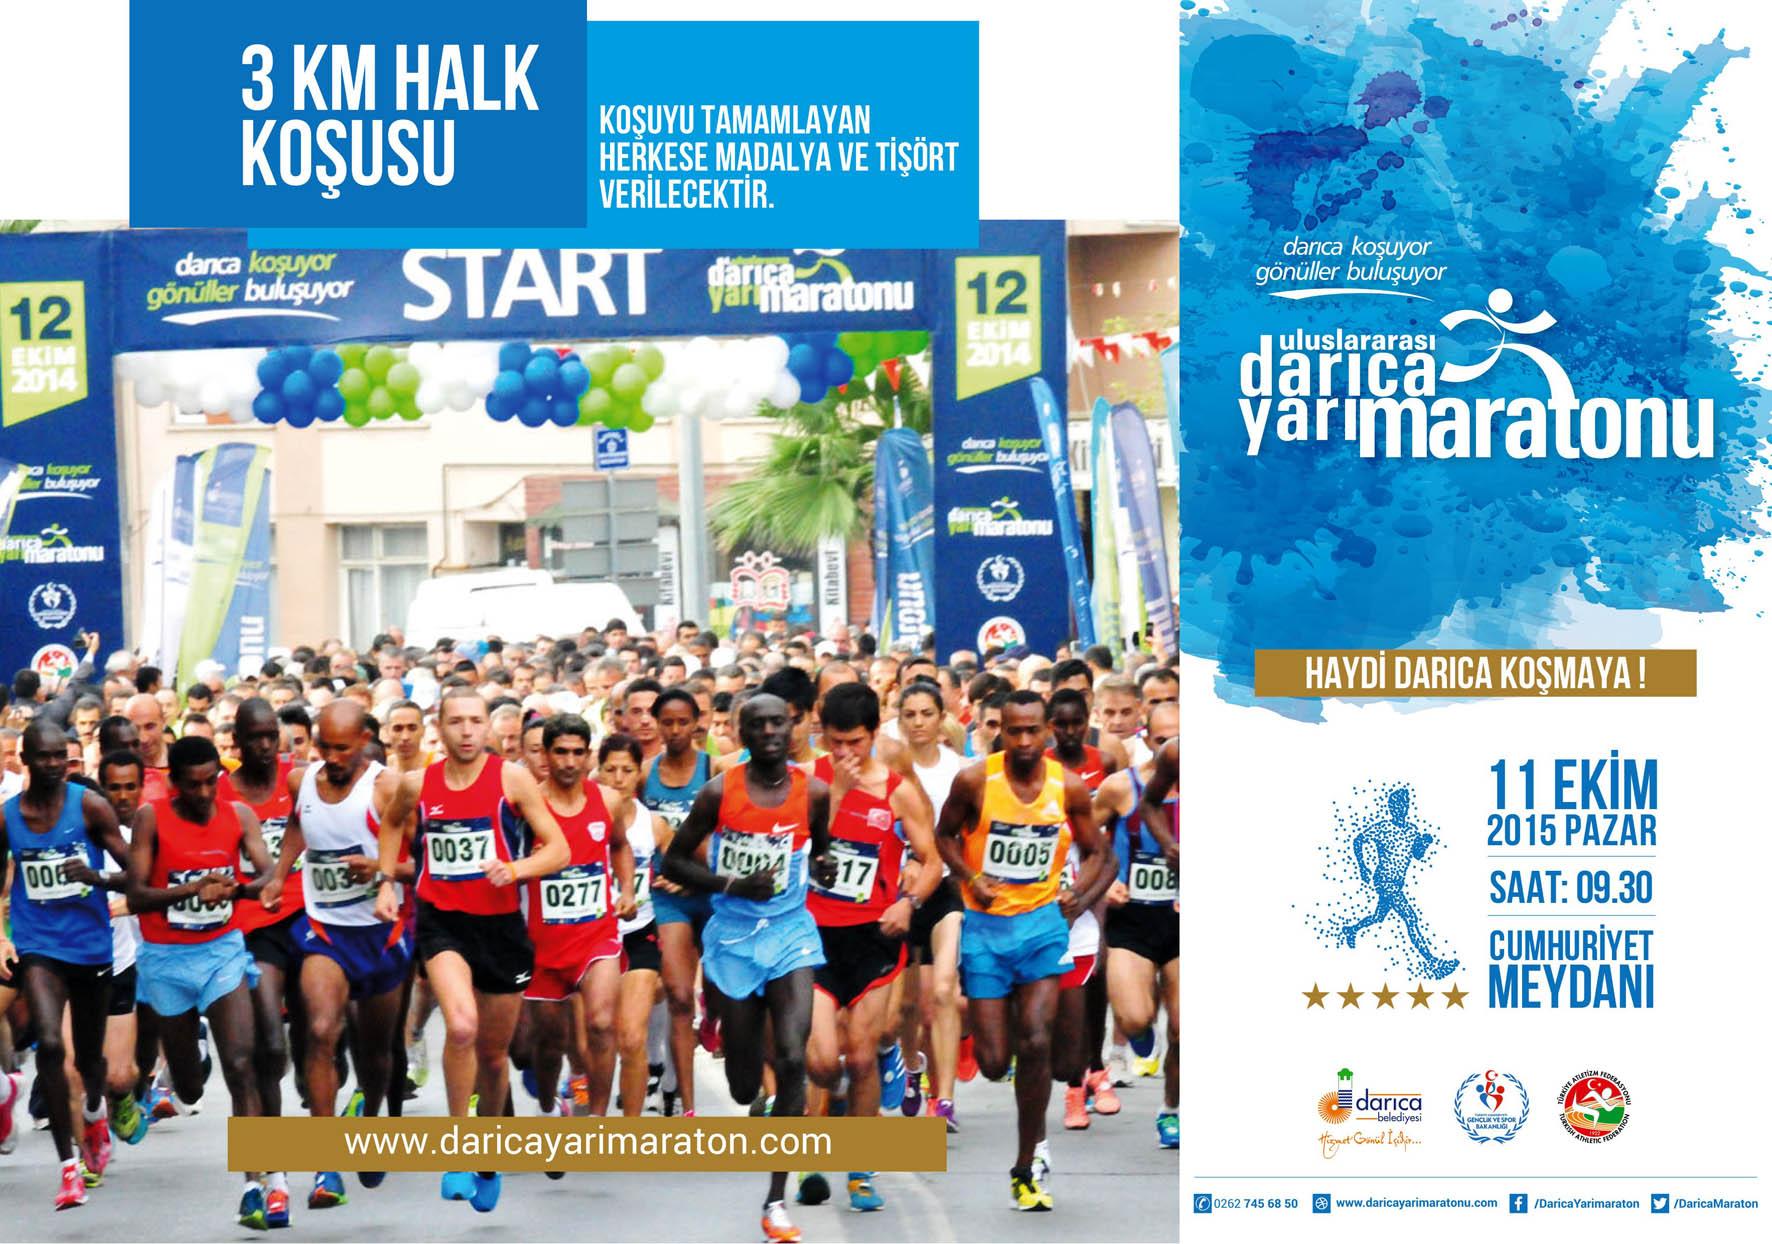 Darıca Yarı Maraton İlanı